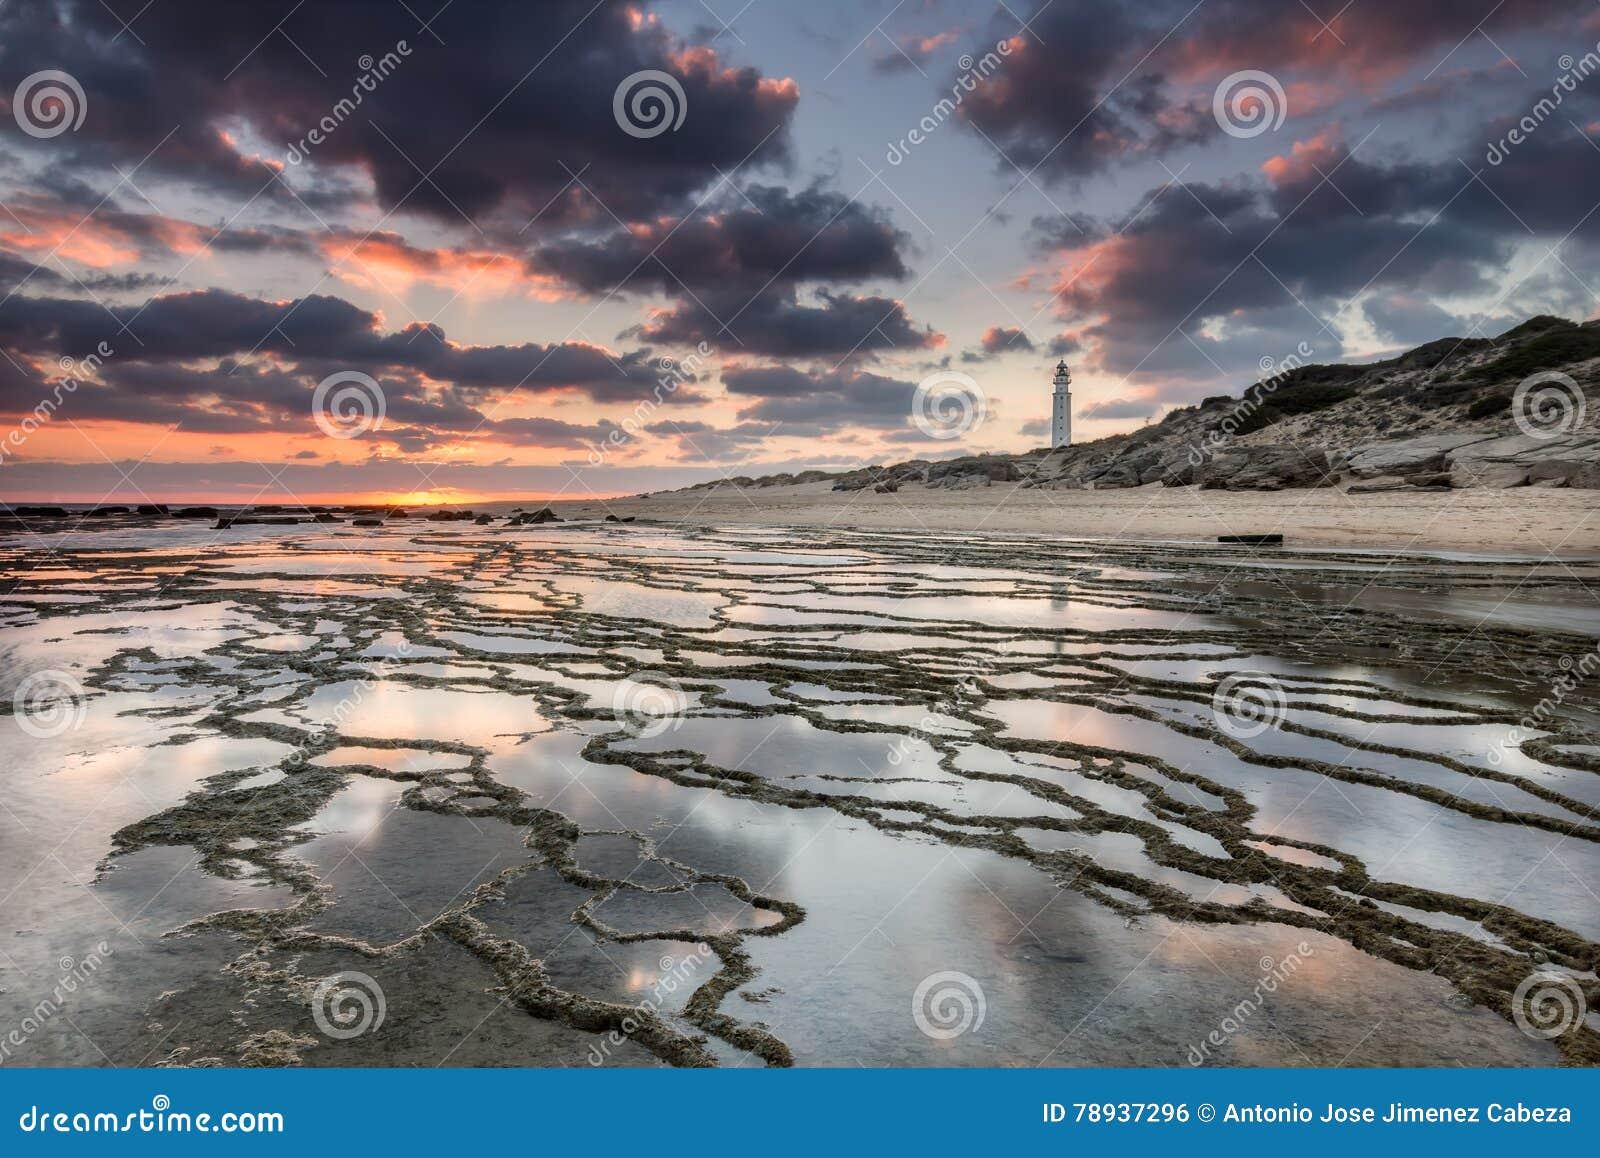 Puesta del sol en la playa de Trafalgar, faro próximo